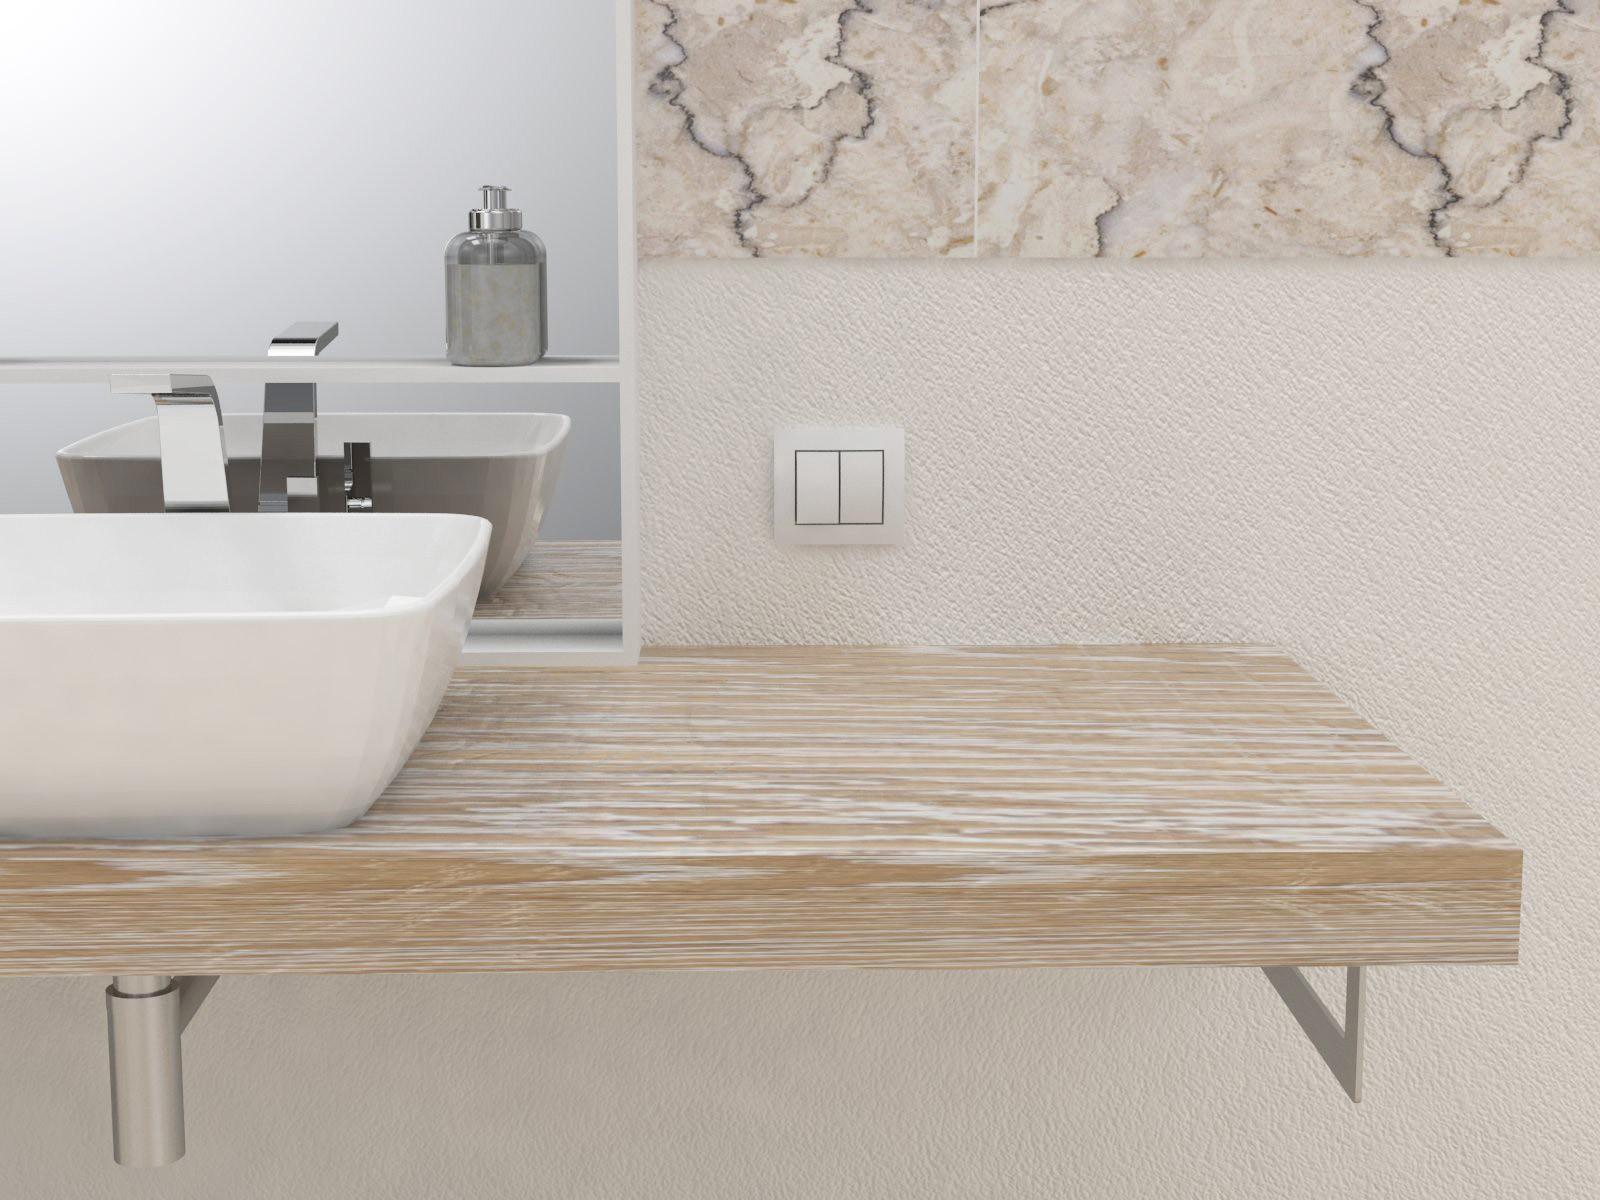 Ripiani In Legno Per Bagno : Mensola lavabo in legno massello su misura spessore 5 cm design per